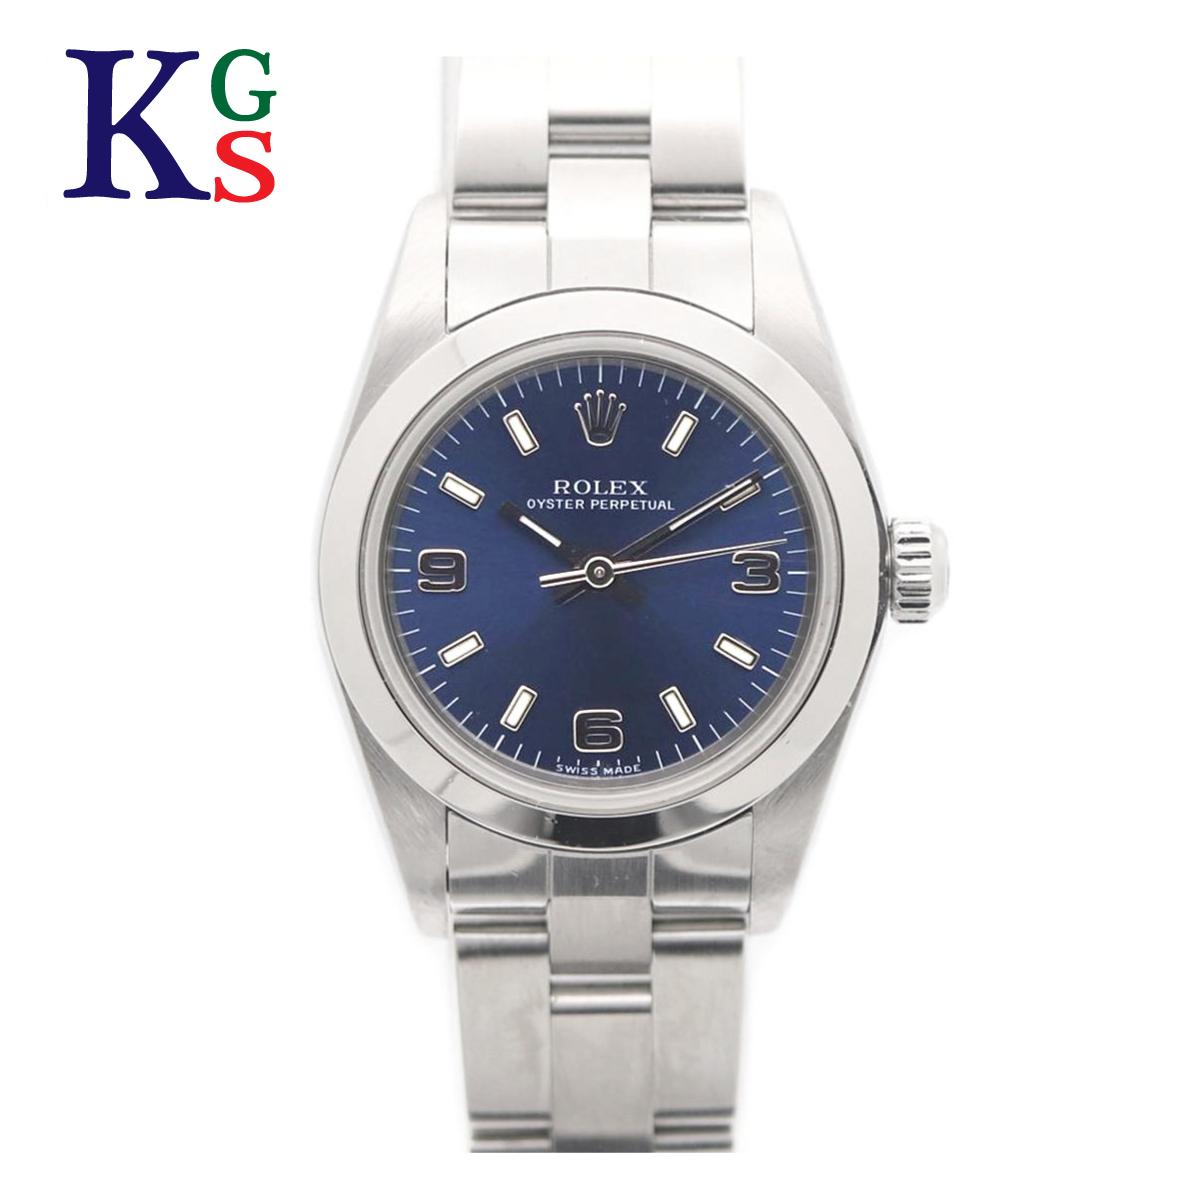 【ギフト品質】ロレックス/ROLEX レディース 腕時計 オイスターパーペチュアル アラビアインデックス ネイビー文字盤 シルバー 76080 自動巻き